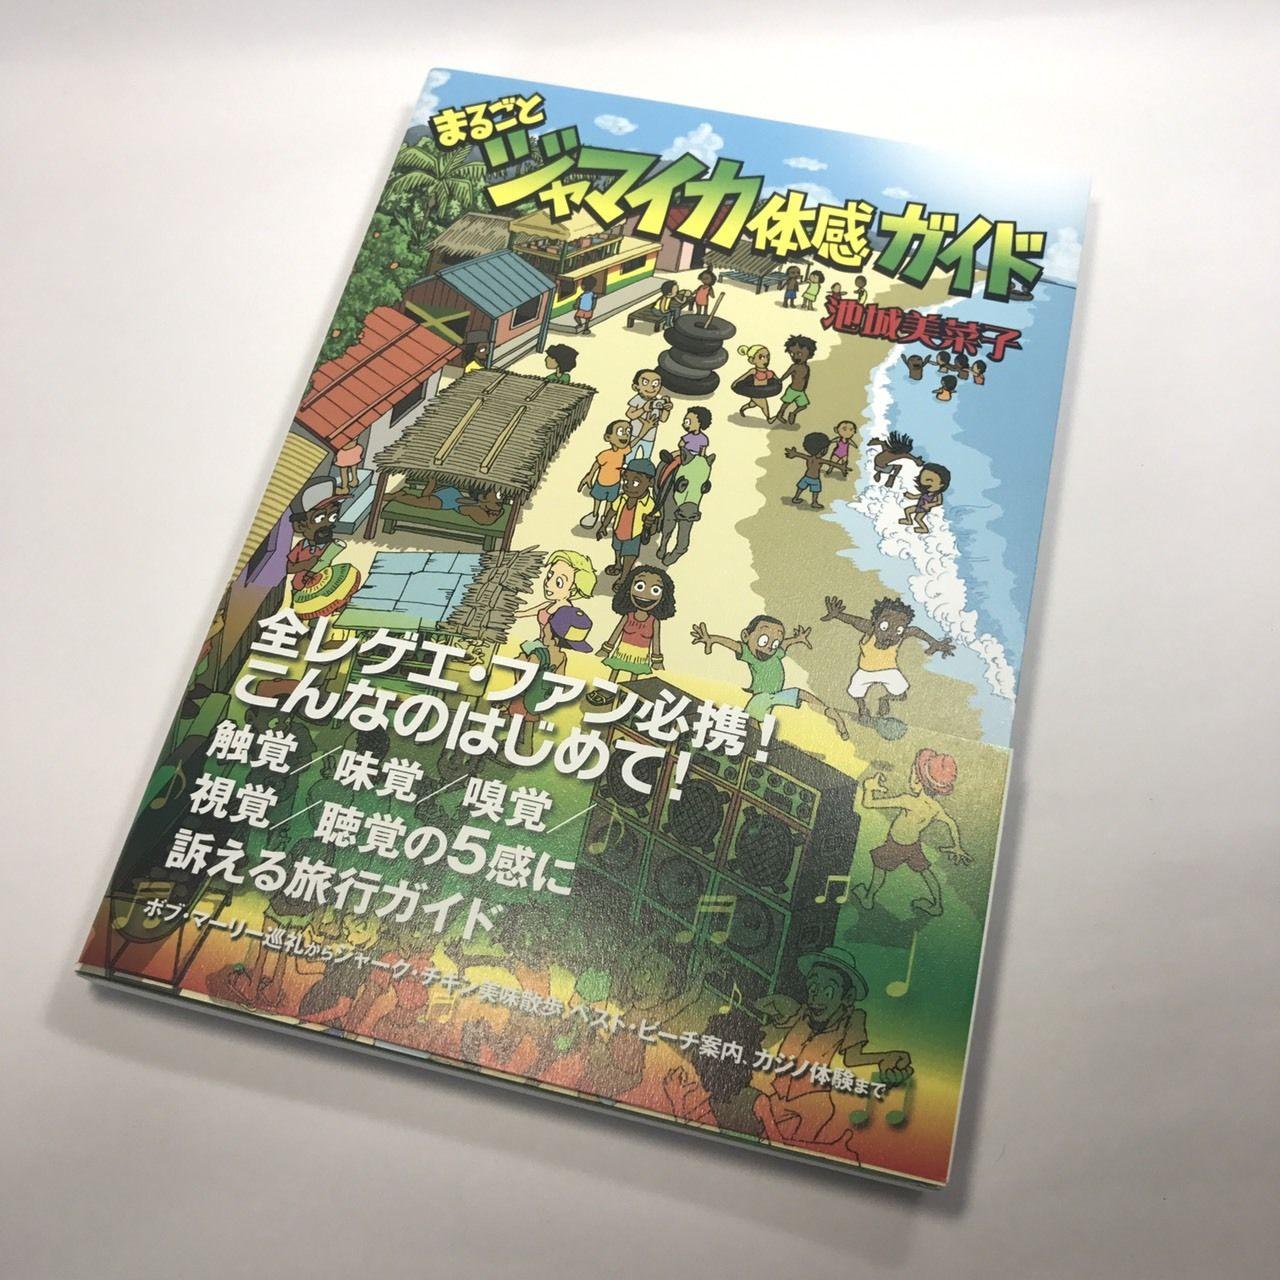 池城美菜子「まるごとジャマイカ体感ガイド 」BOOK